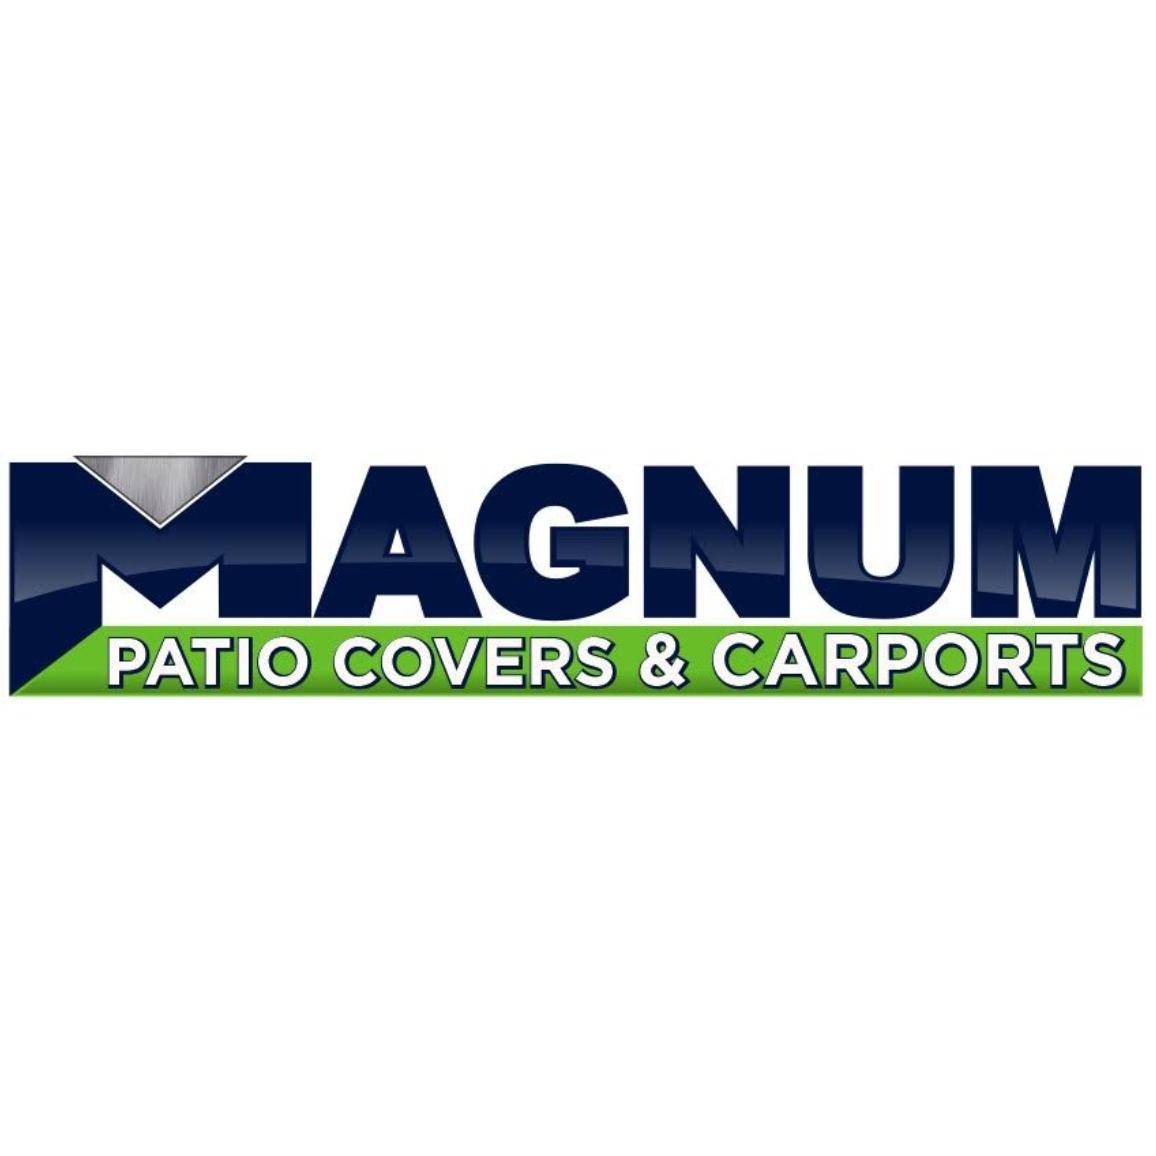 Magnum Patio Covers